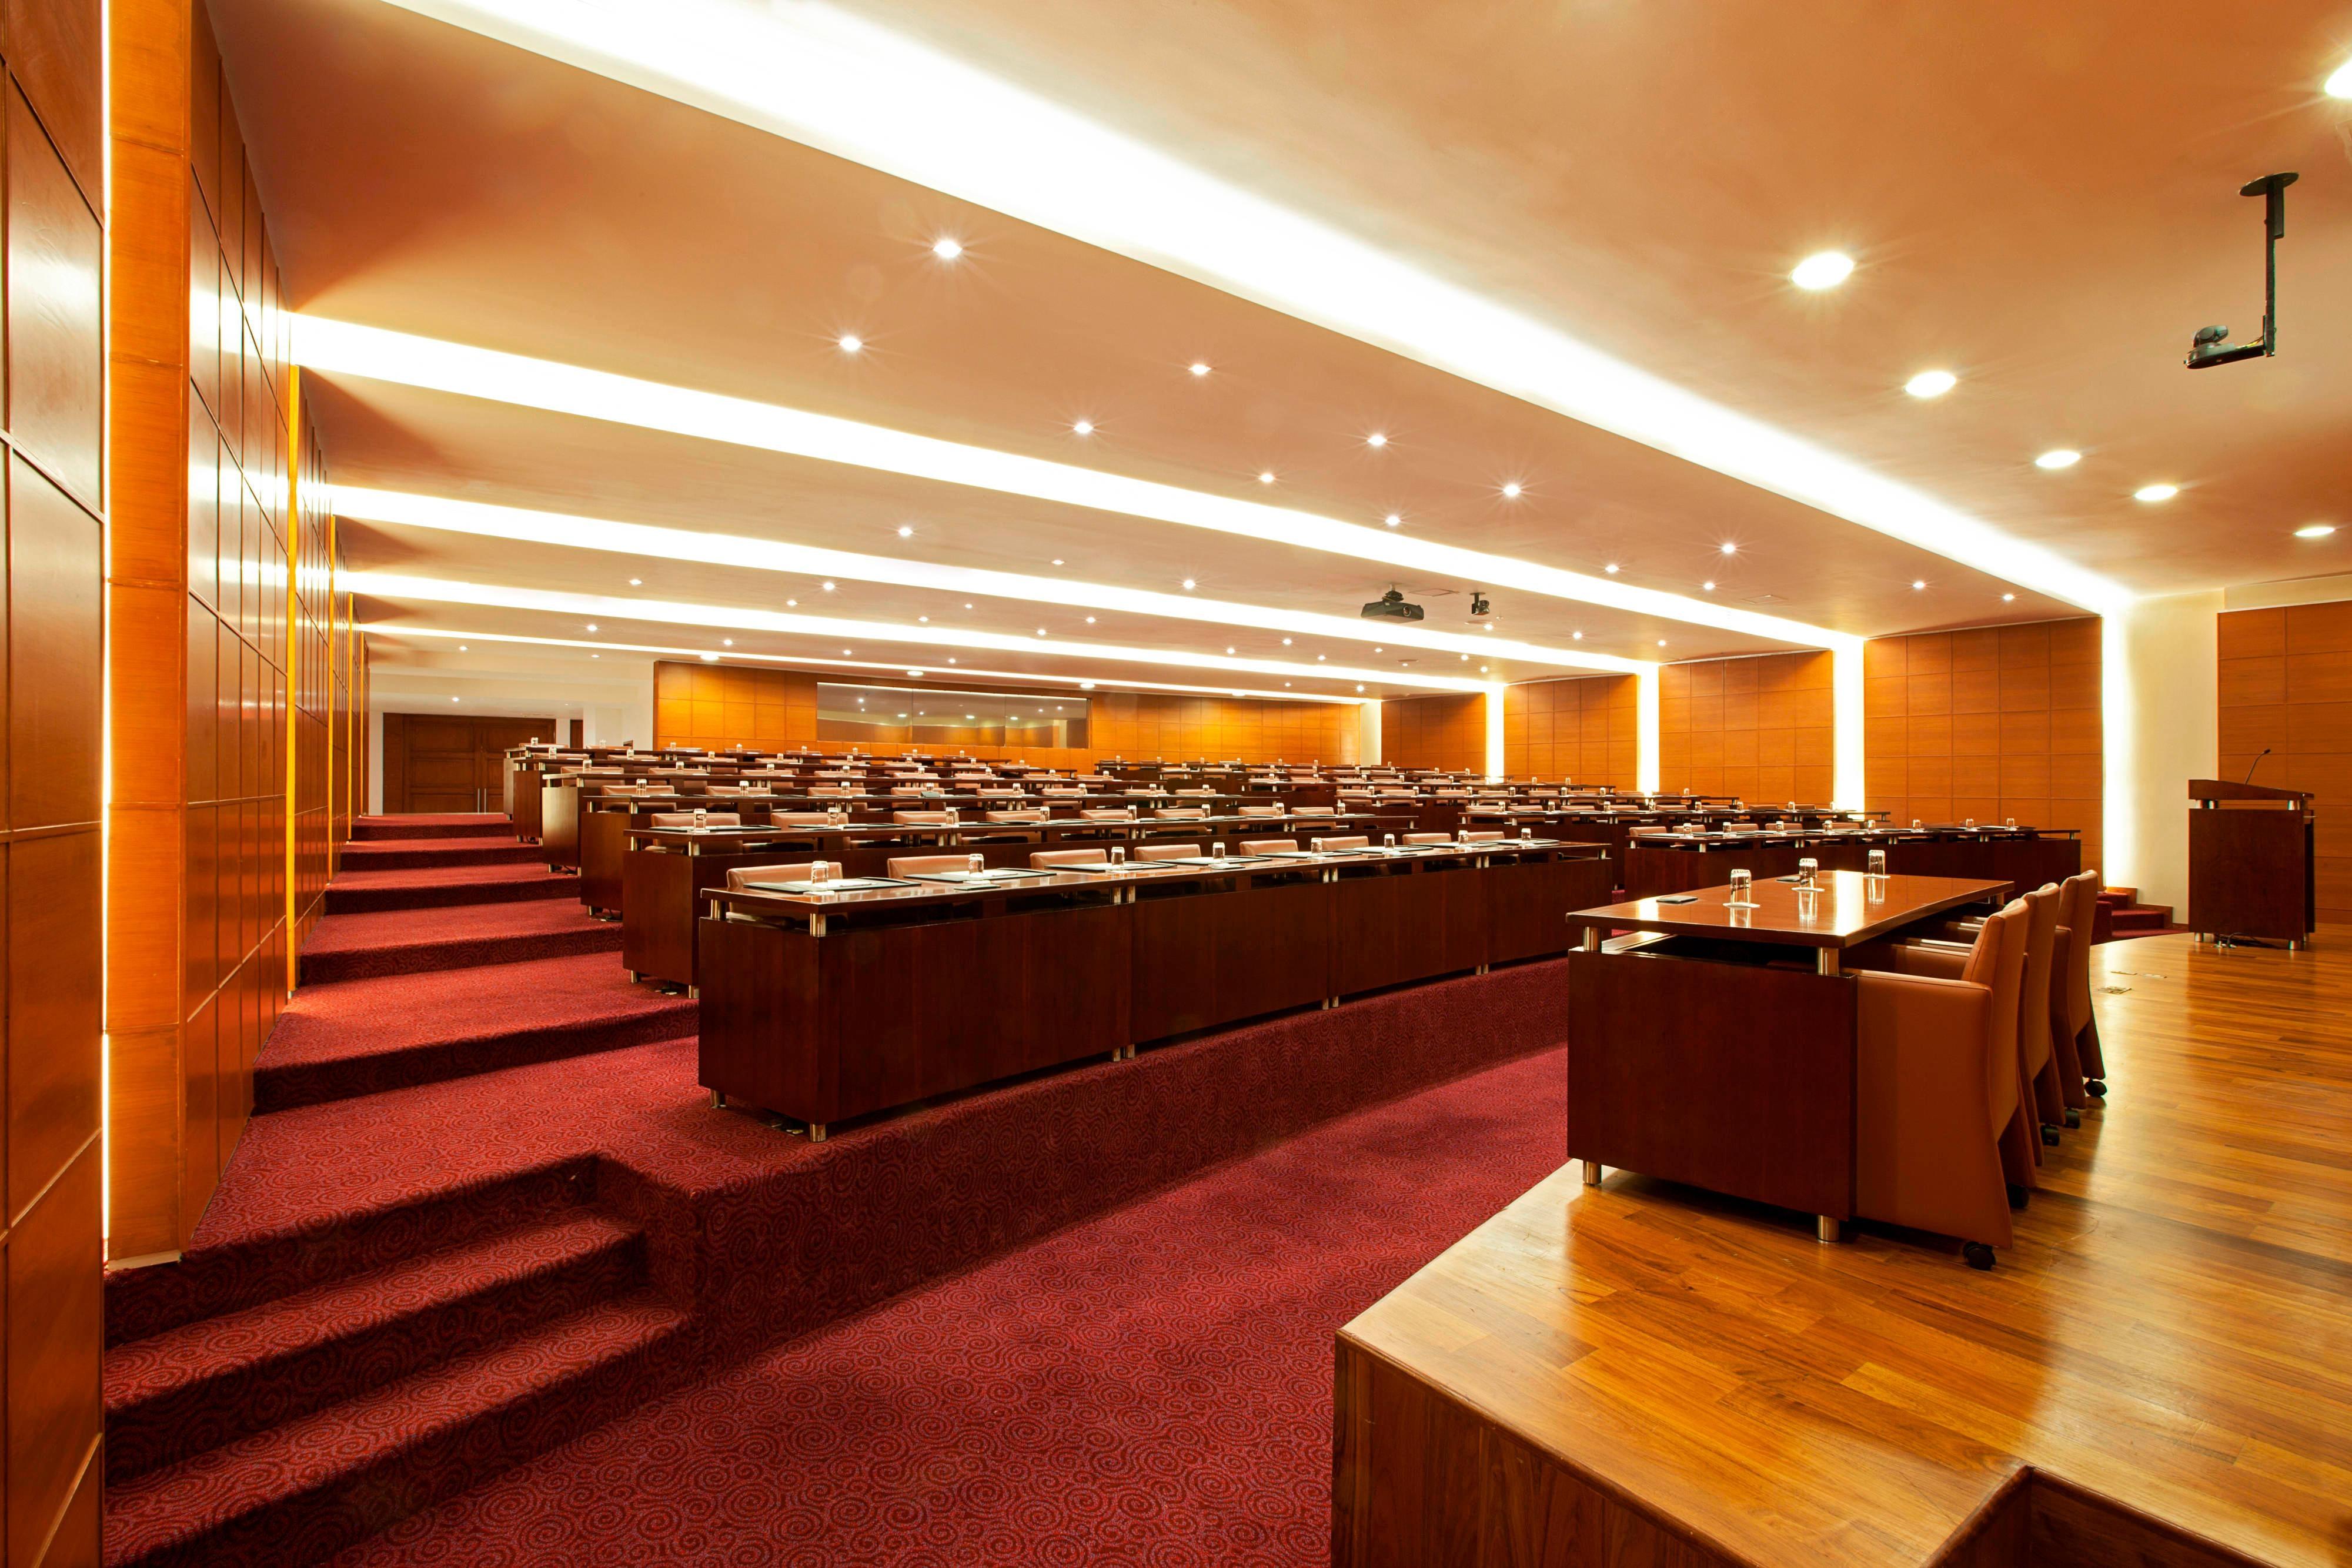 Auditorium in Mexico City